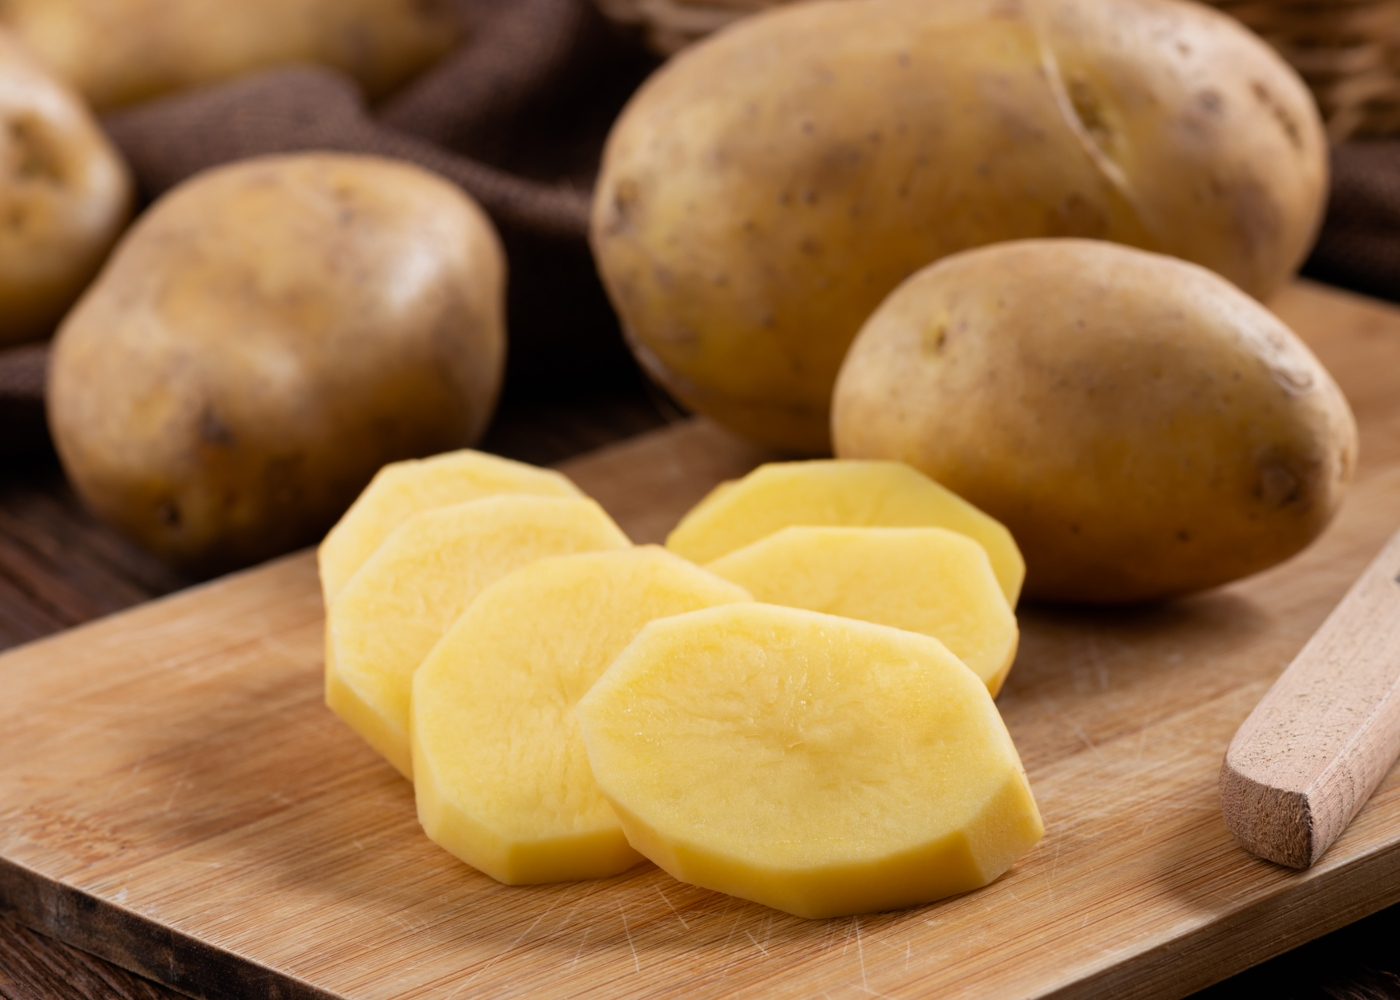 Batatas inteiras e fatiadas